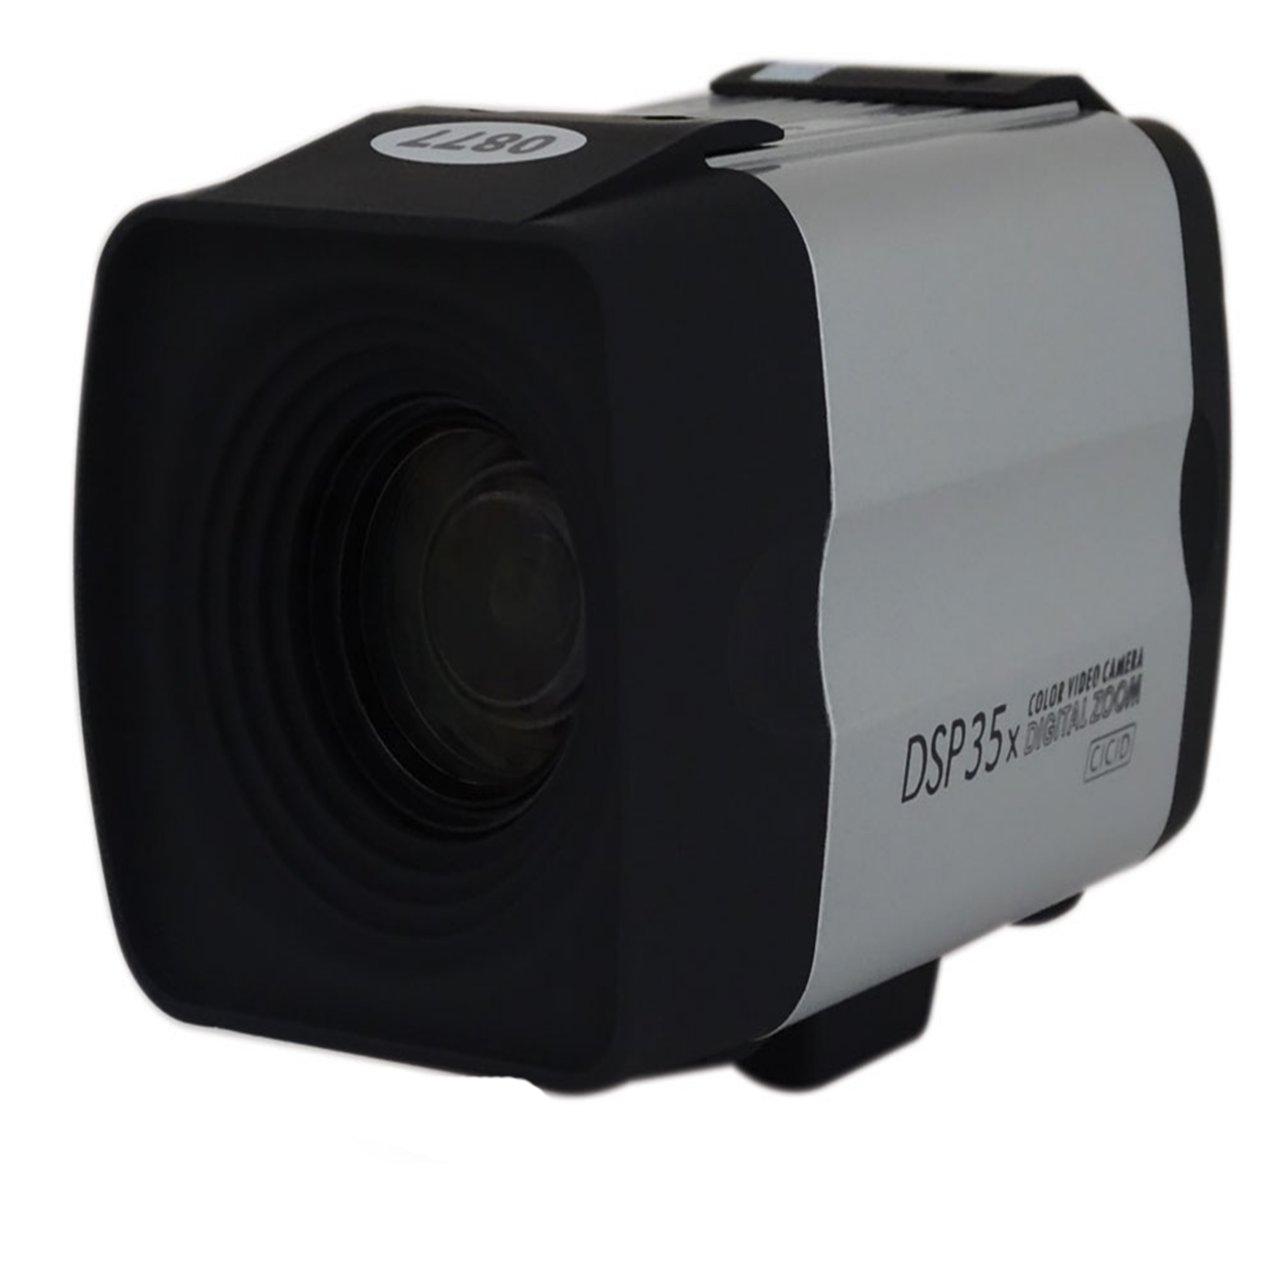 دوربین مداربسته آنالوگ واچ داگ مدل WD-7030Z